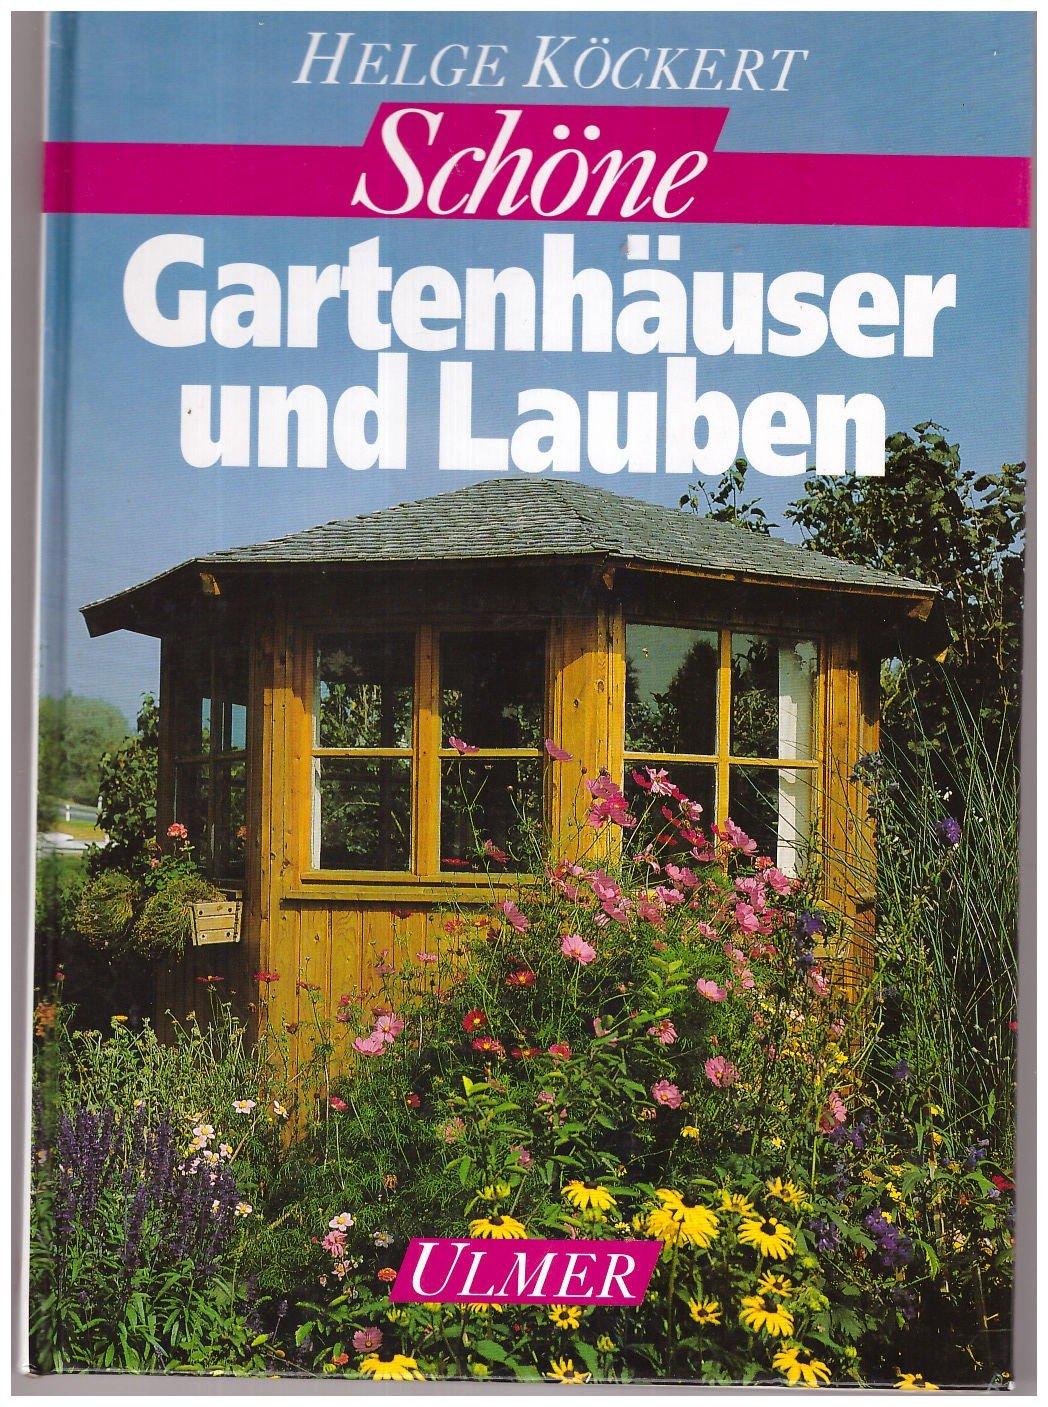 Schone Gartenhauser Und Lauben Helge Kockert Buch Gebraucht